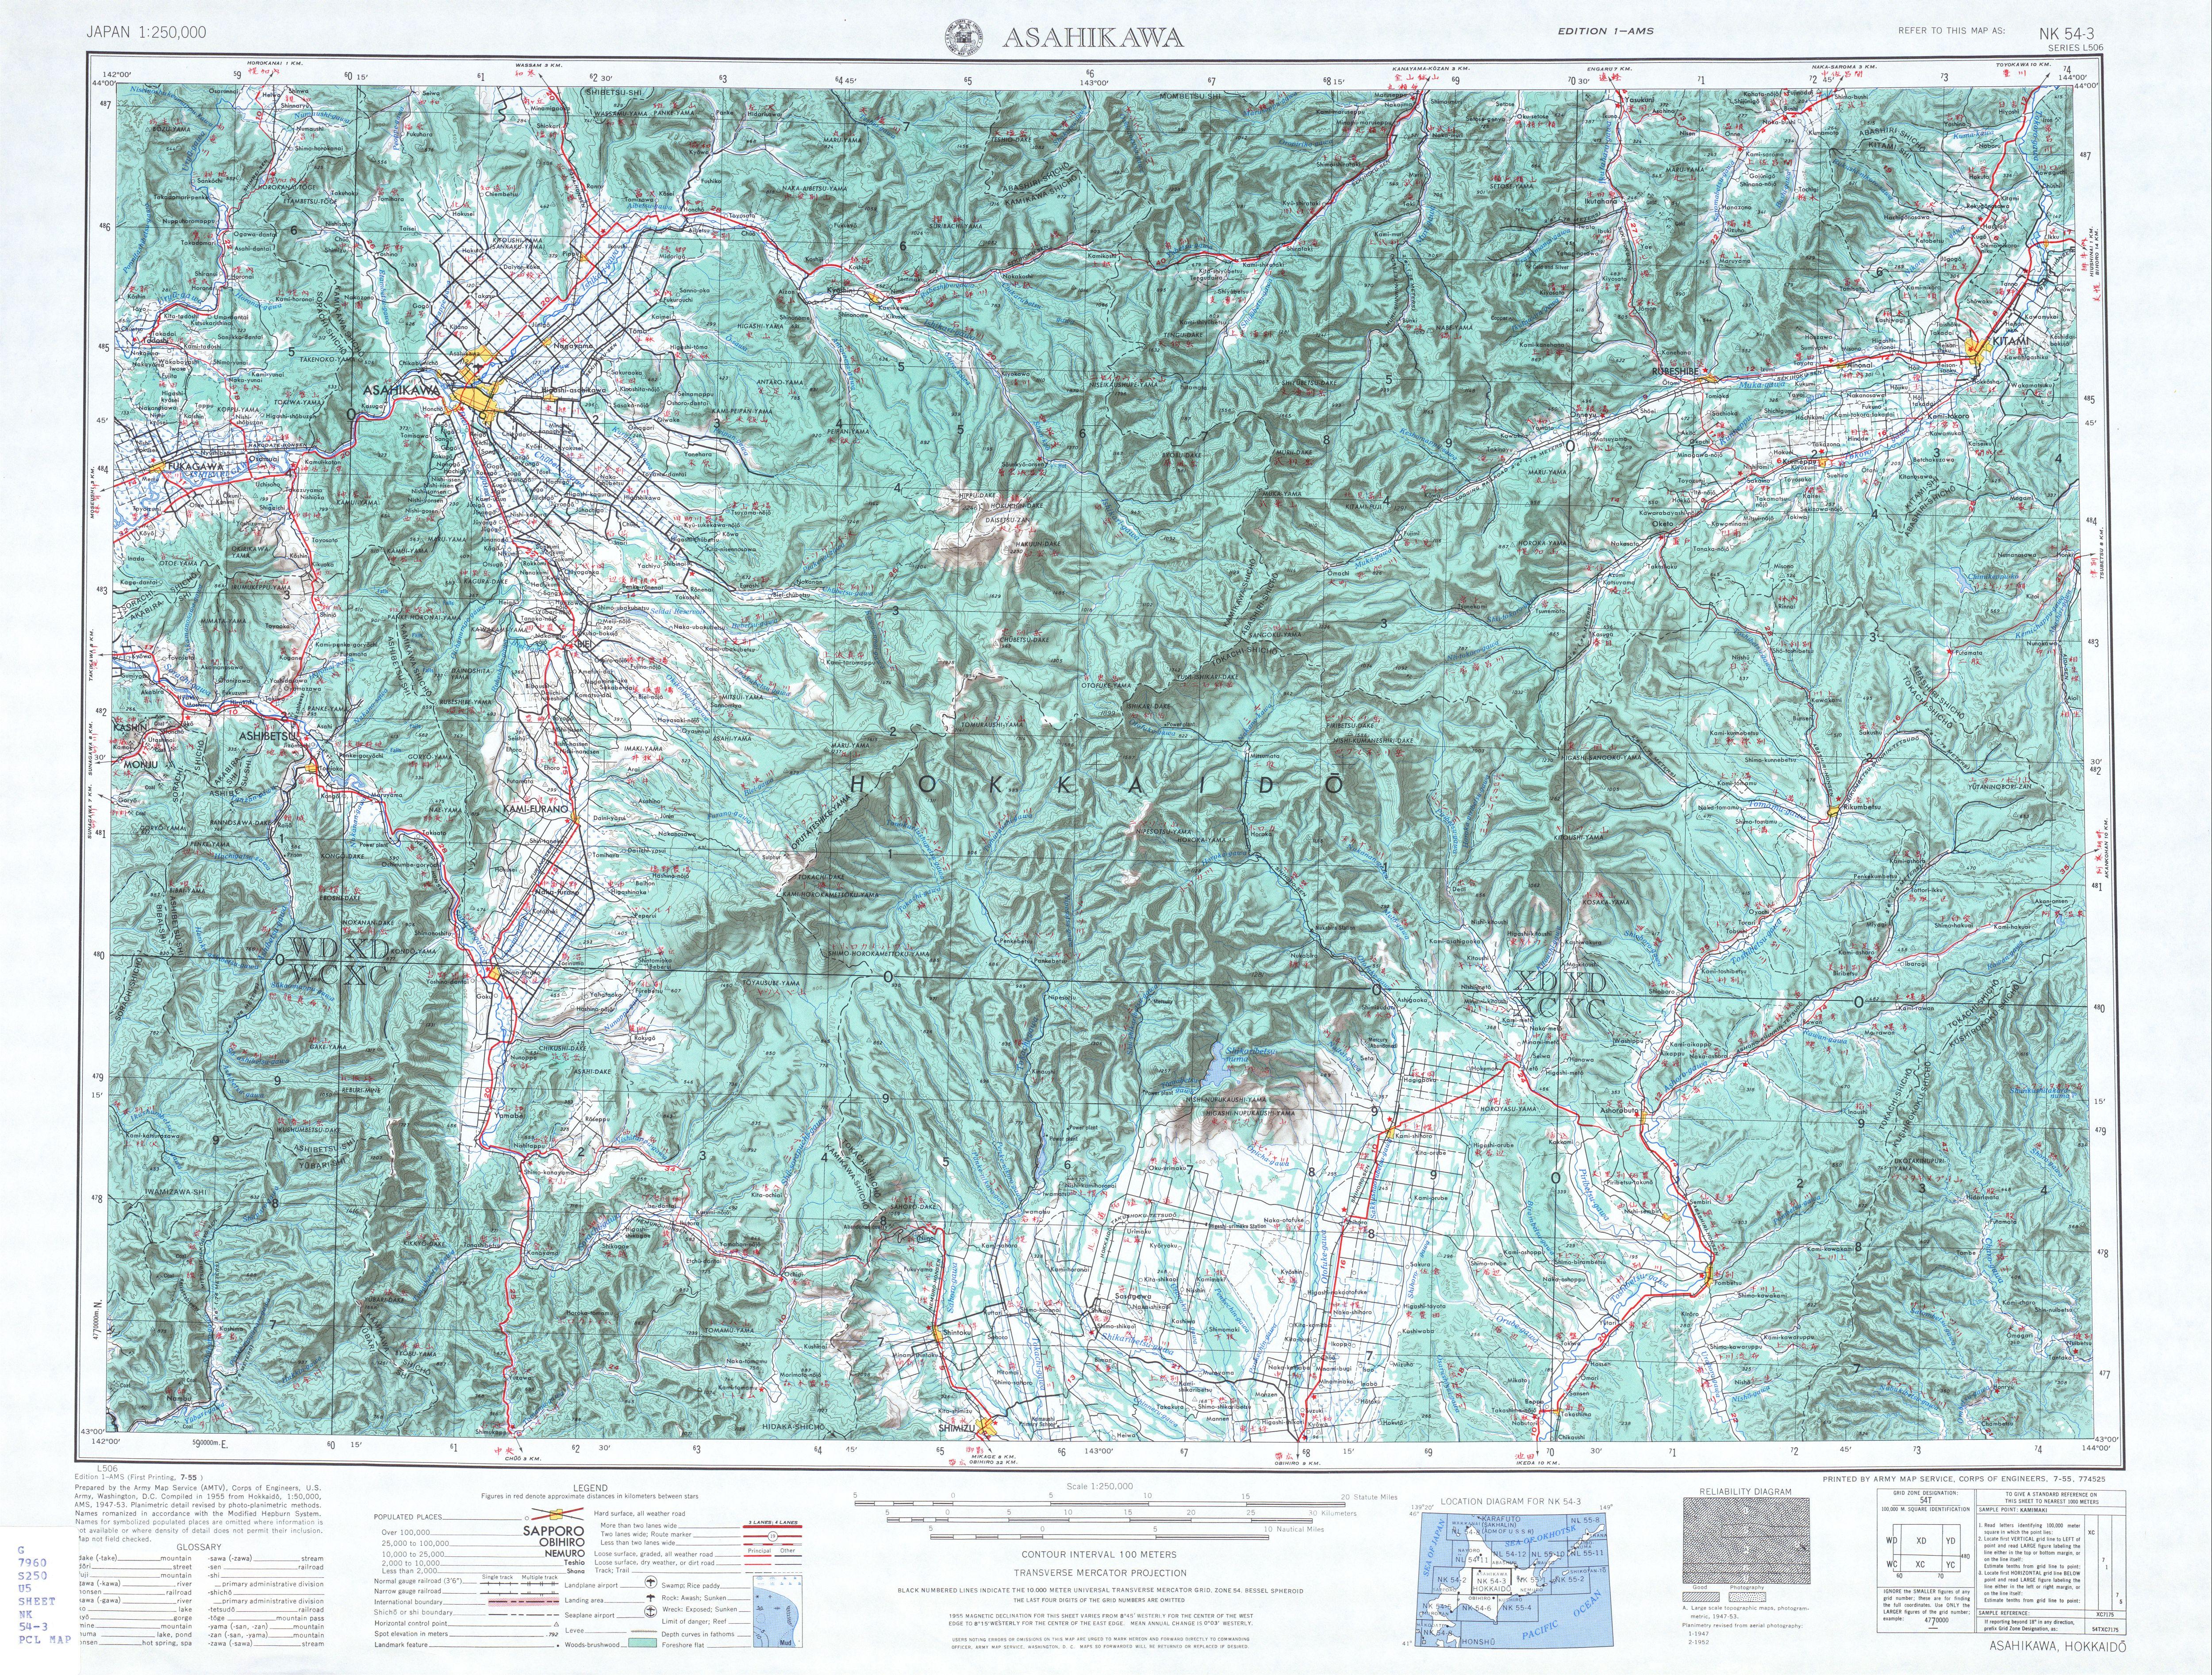 Hoja Asahikawa del Mapa Topográfico de Japón 1954